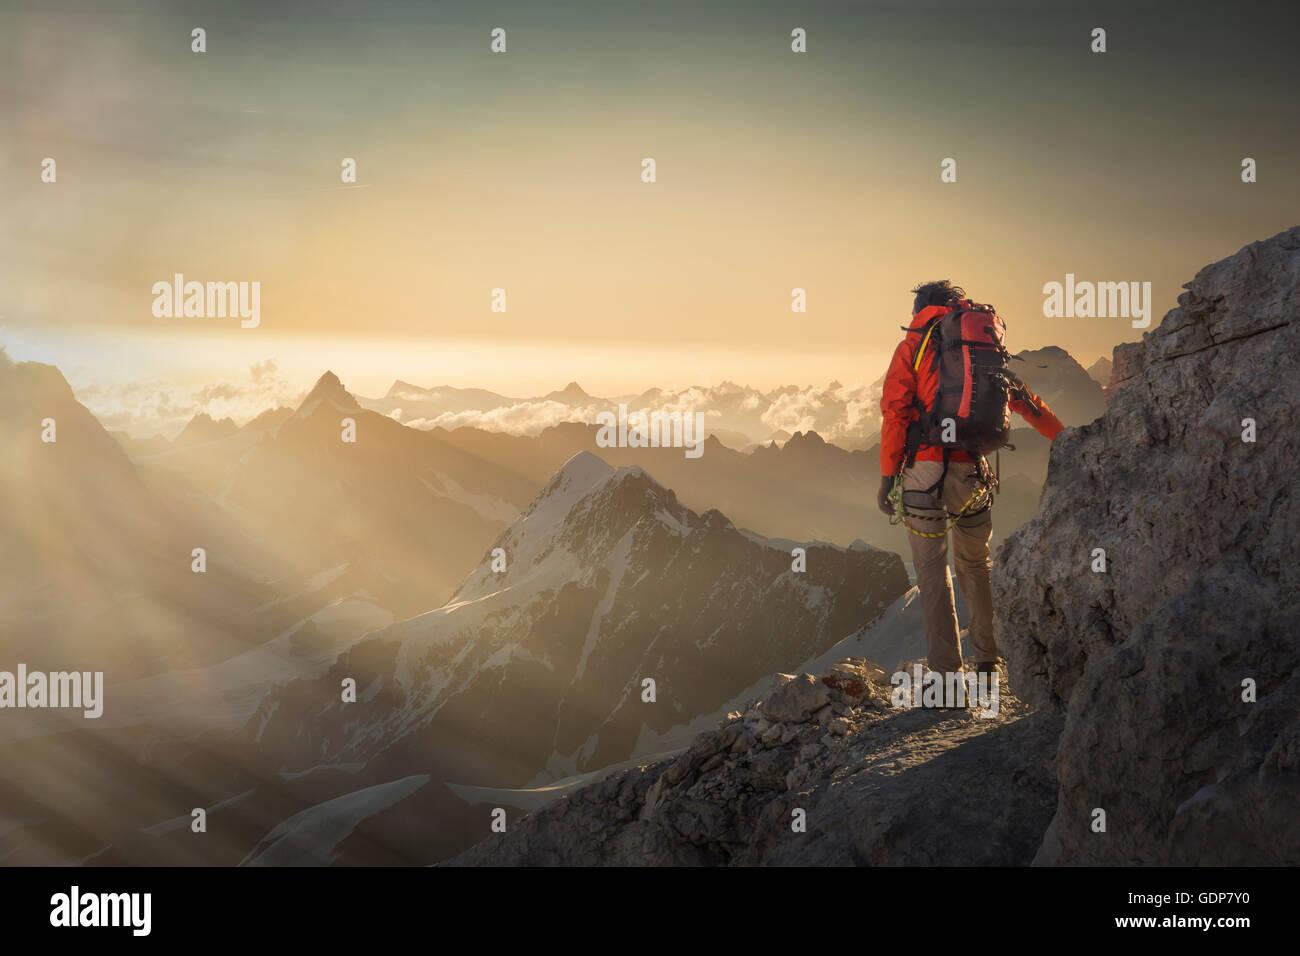 Climber regardant une gamme de montagne au coucher du soleil, Alpes, Canton du Valais, Suisse Photo Stock